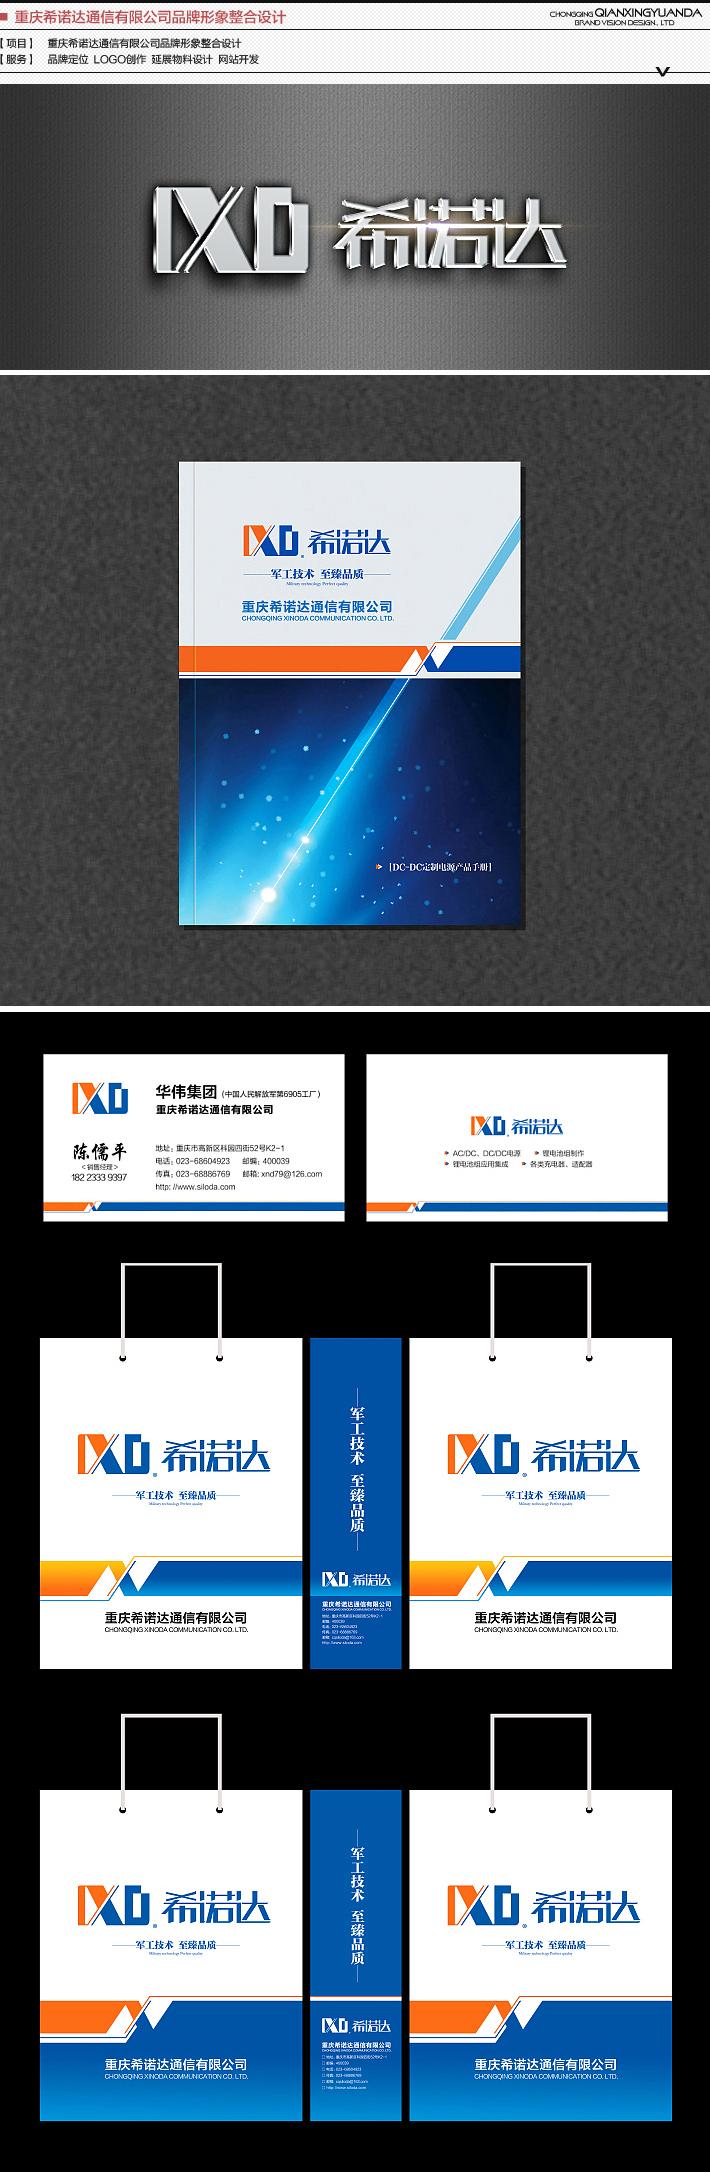 亚博体育app官方下载苹果logoyabo16app公司